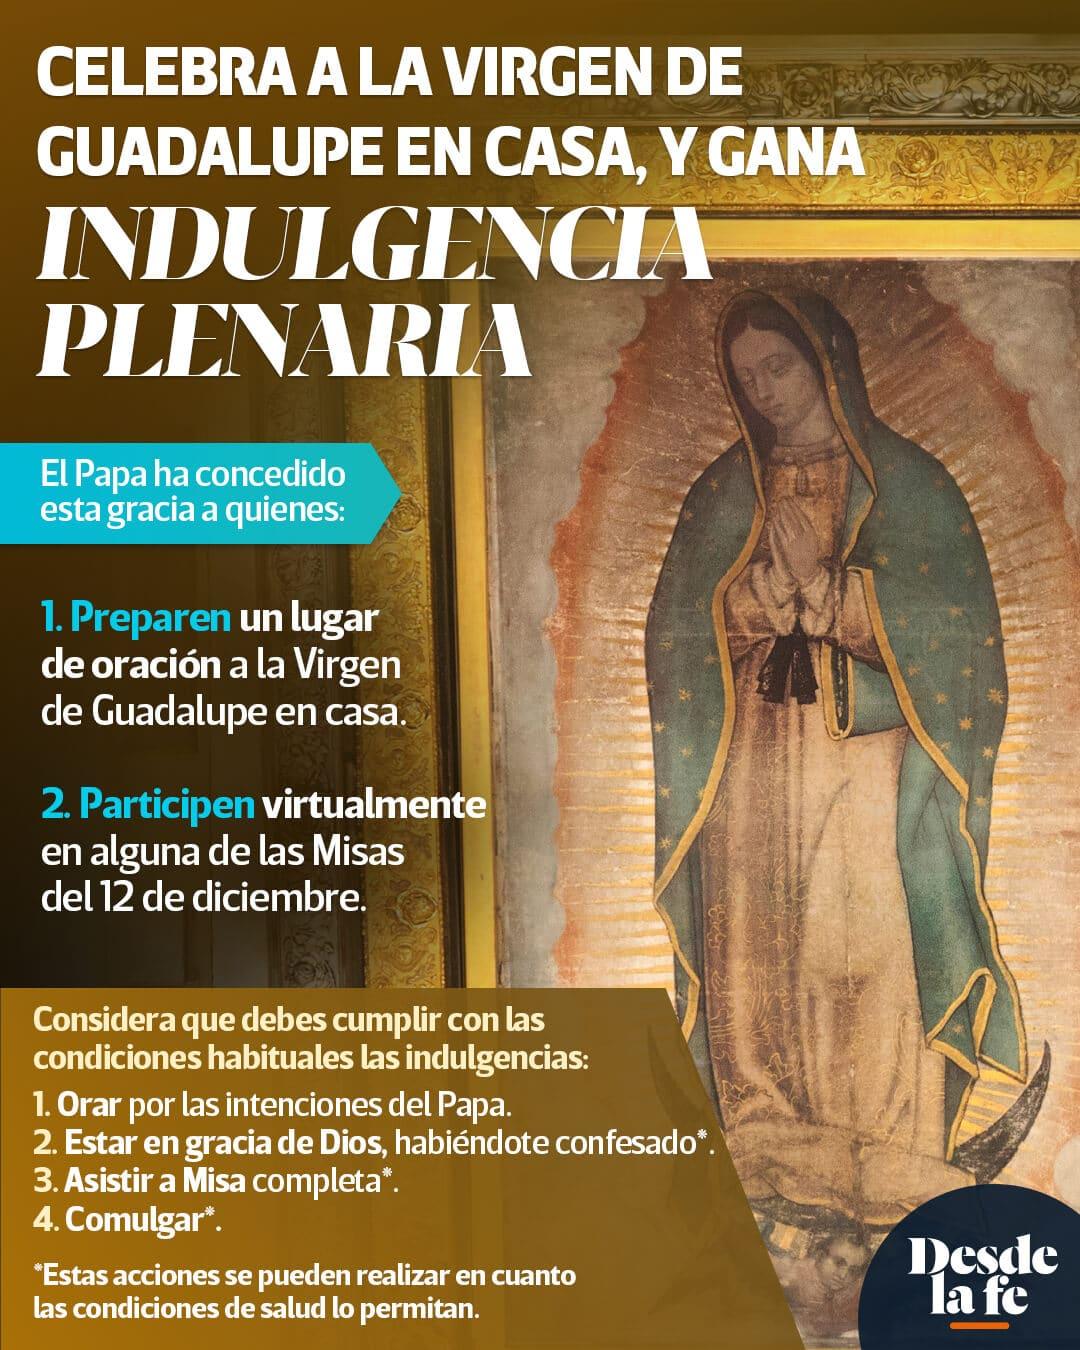 Así puedes ganar la indulgencia plenaria celebrando a la Virgen de Guadalupe en casa.